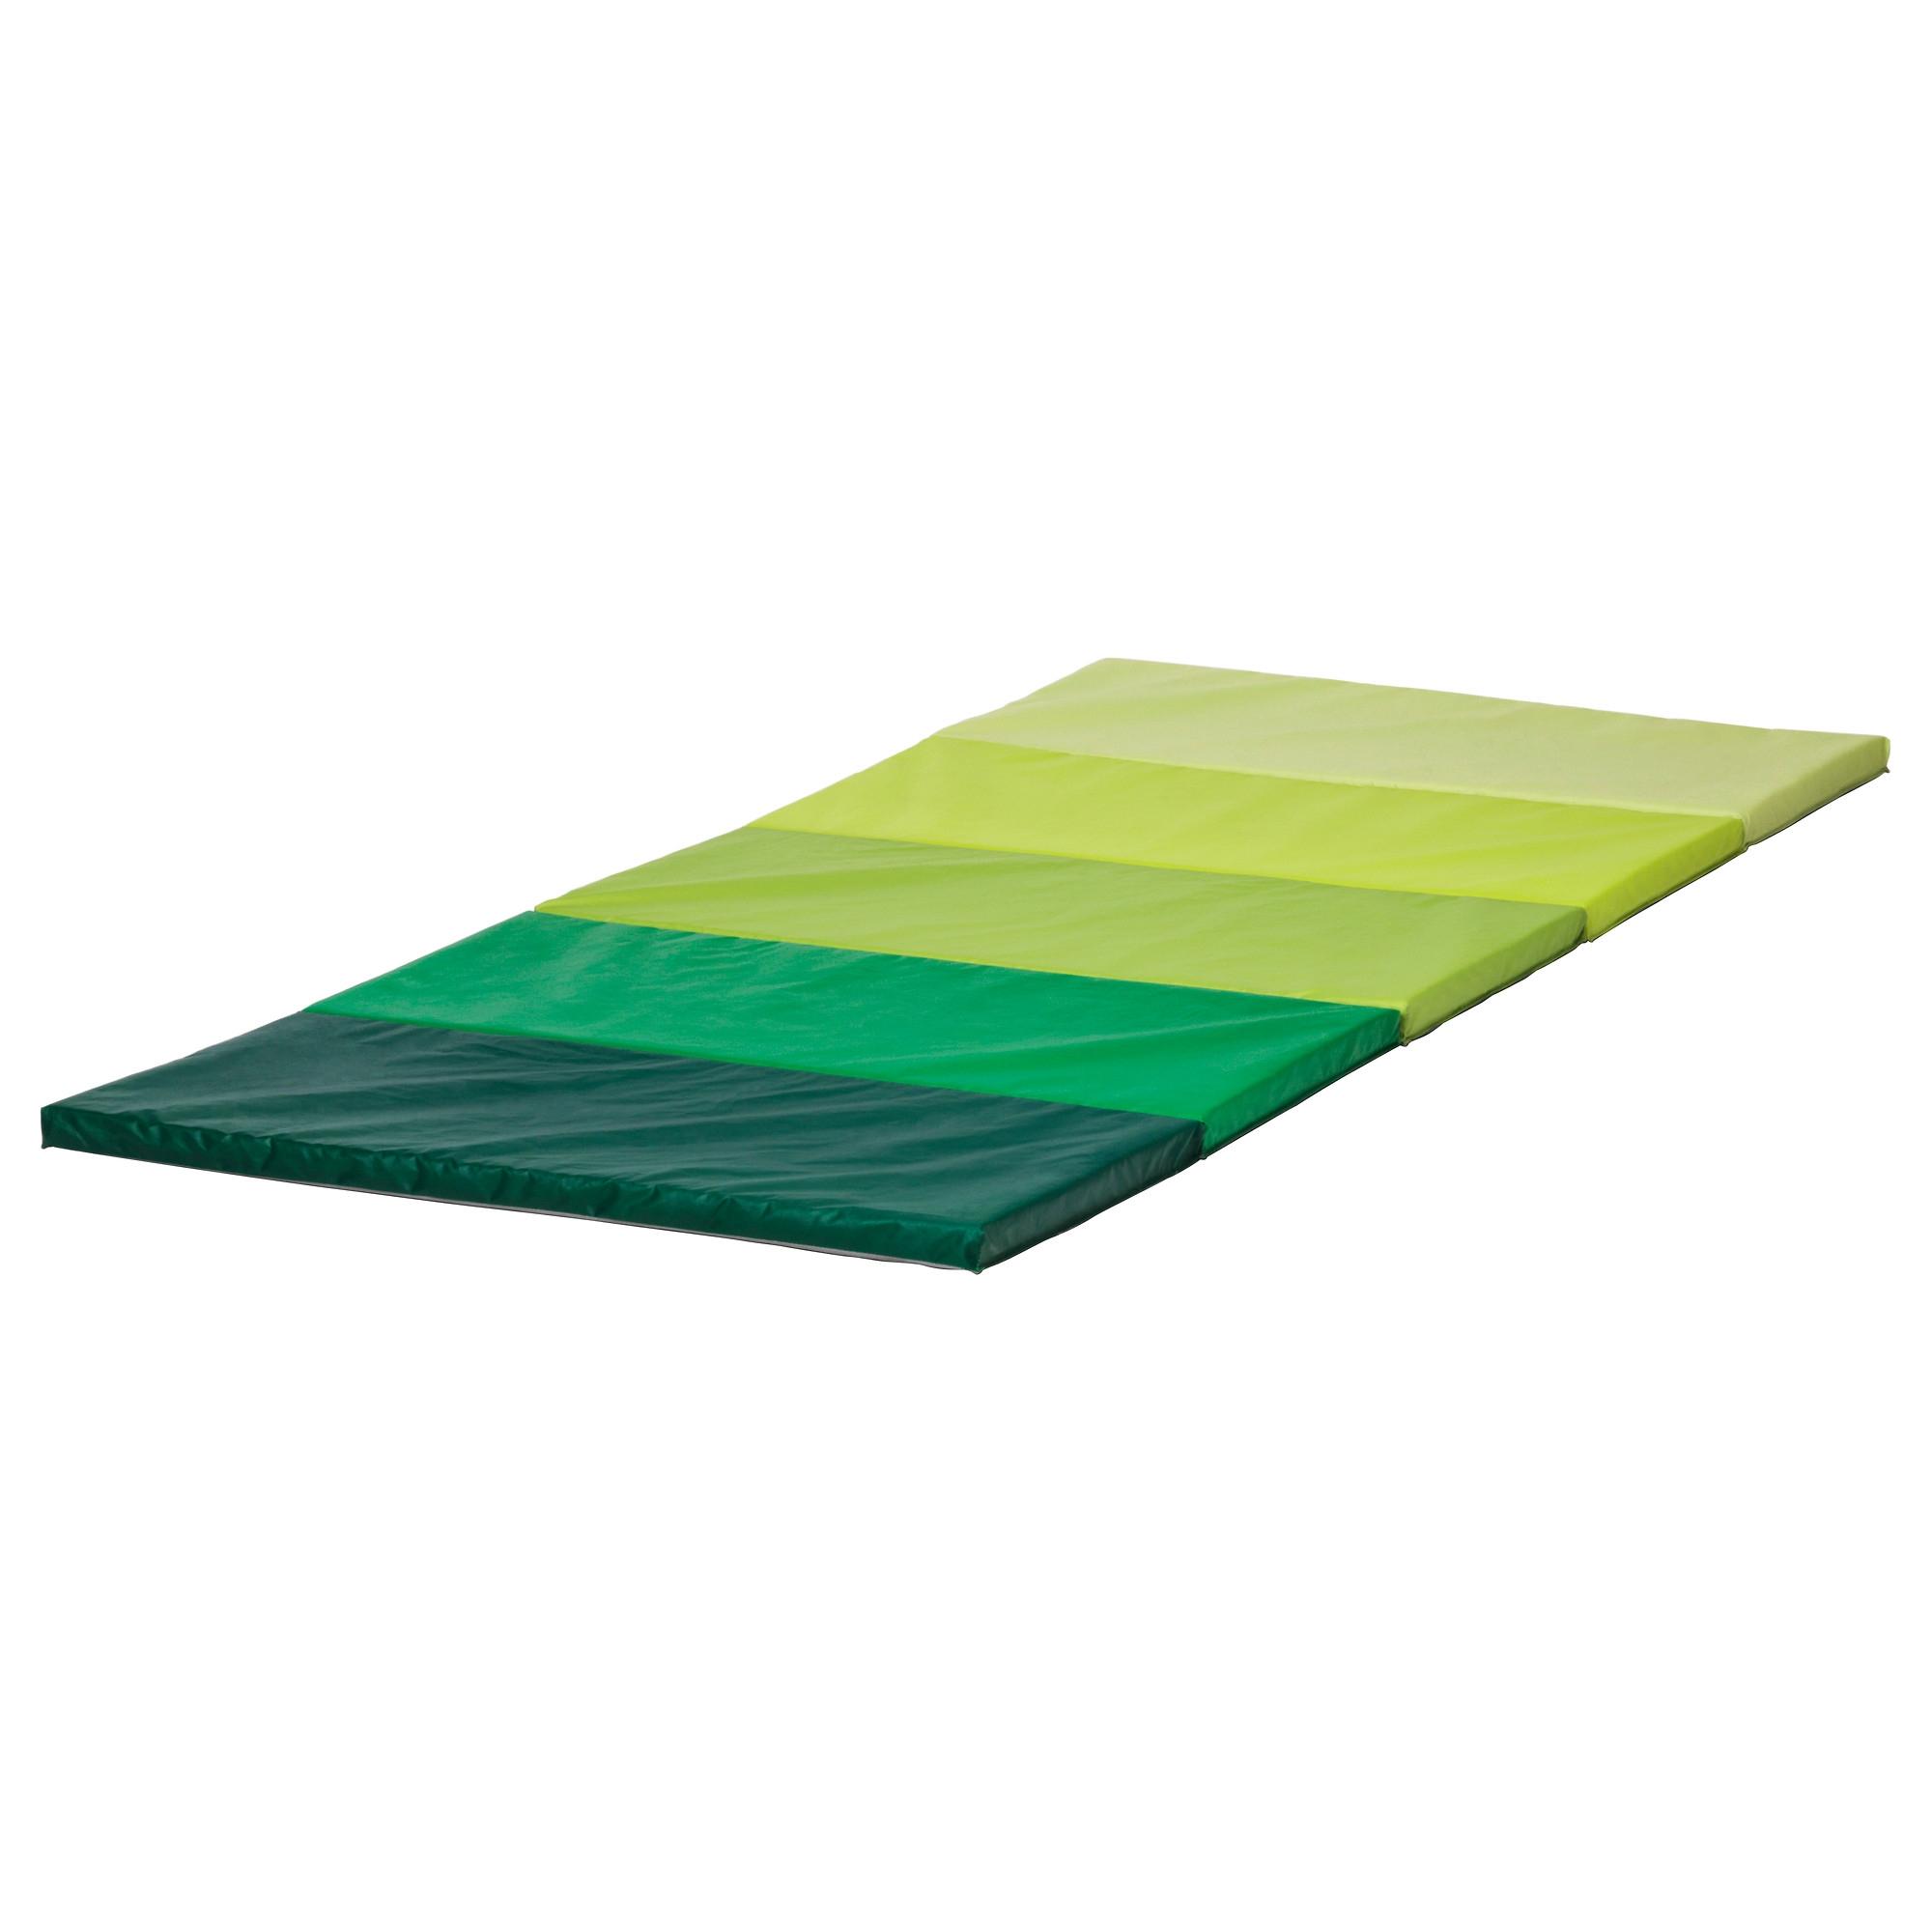 mat ft x mats gmats gym black folding kids inch home for